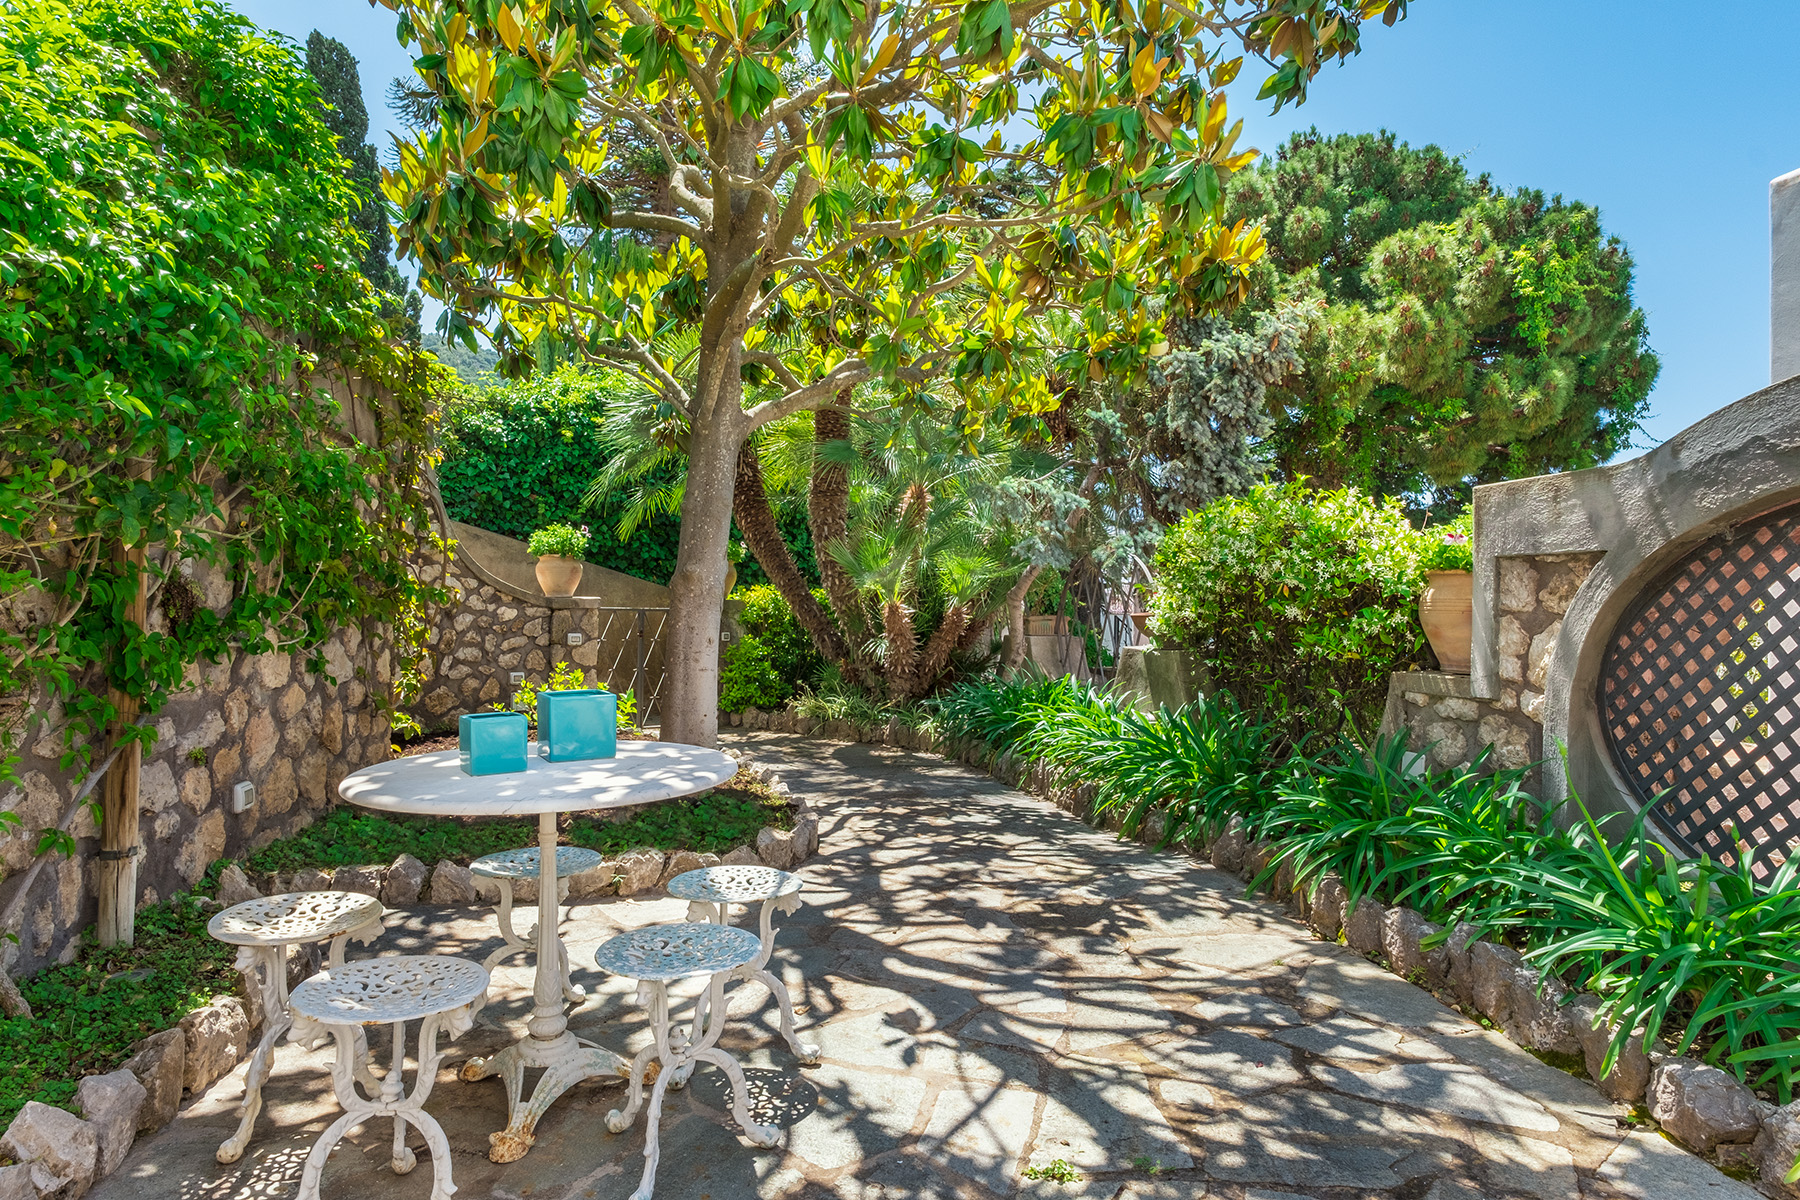 Appartamento in Vendita a Capri: 4 locali, 100 mq - Foto 1